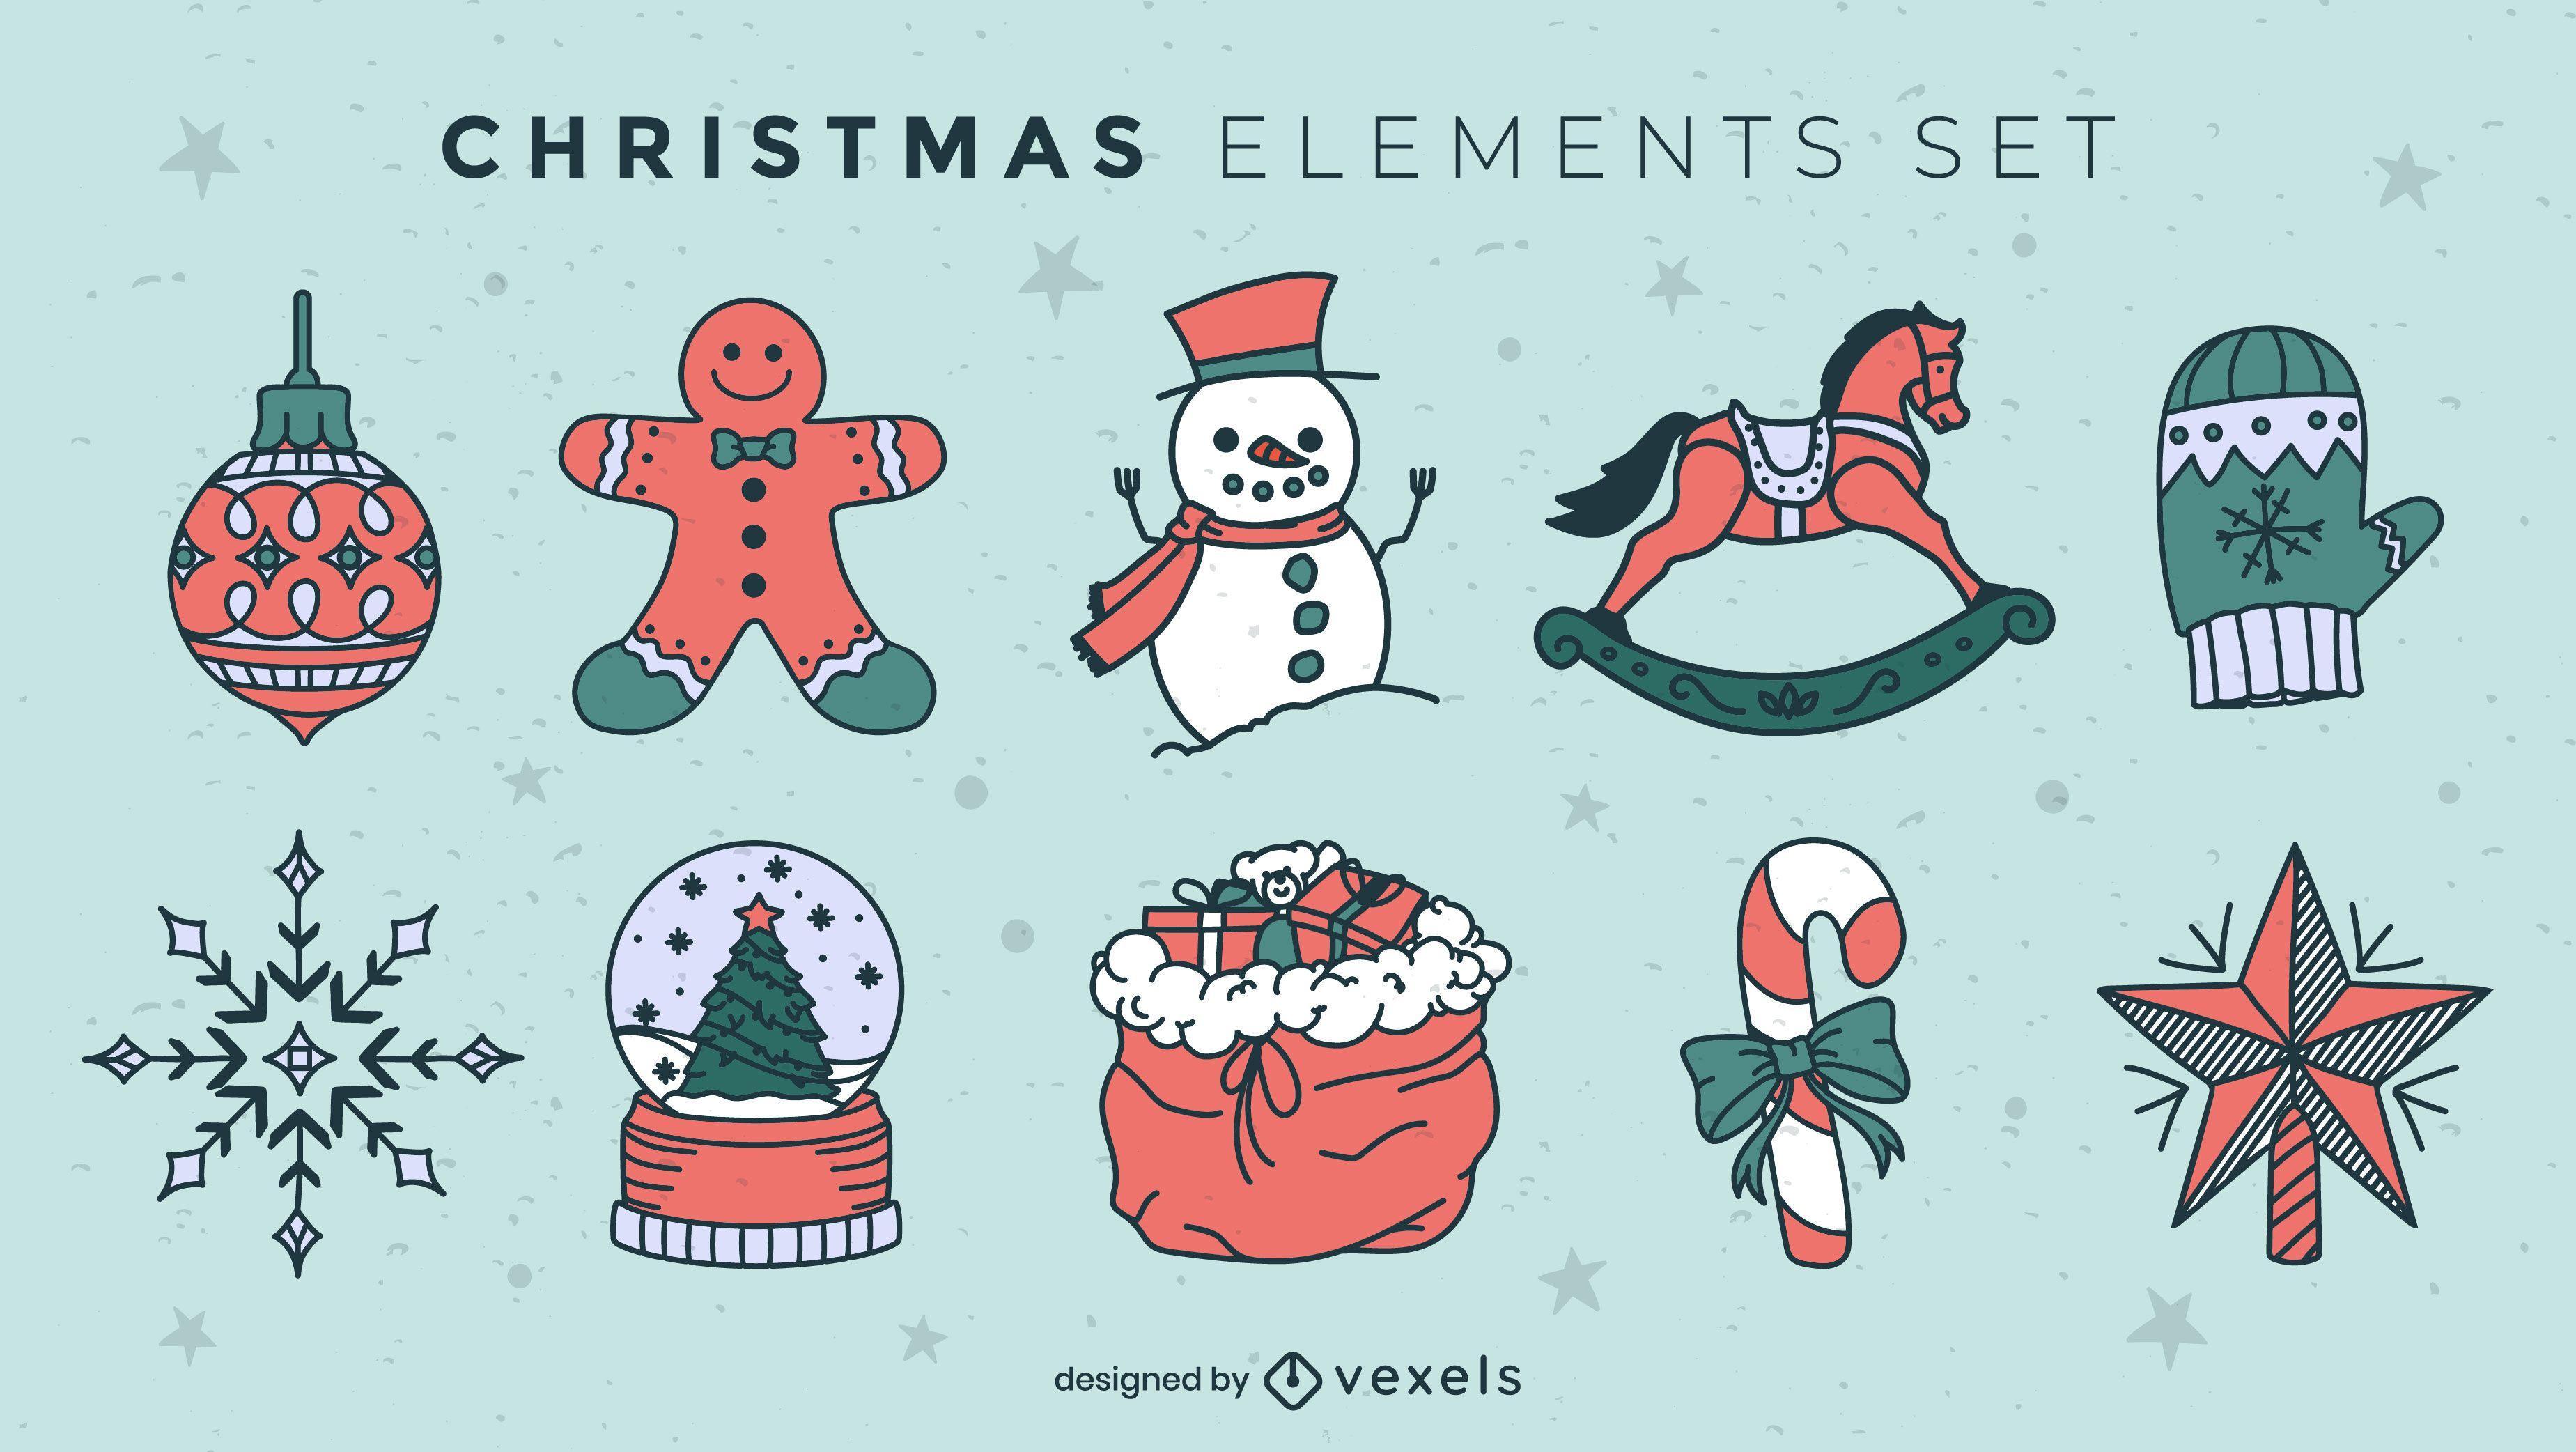 Farbstrich-Weihnachtselemente-Set